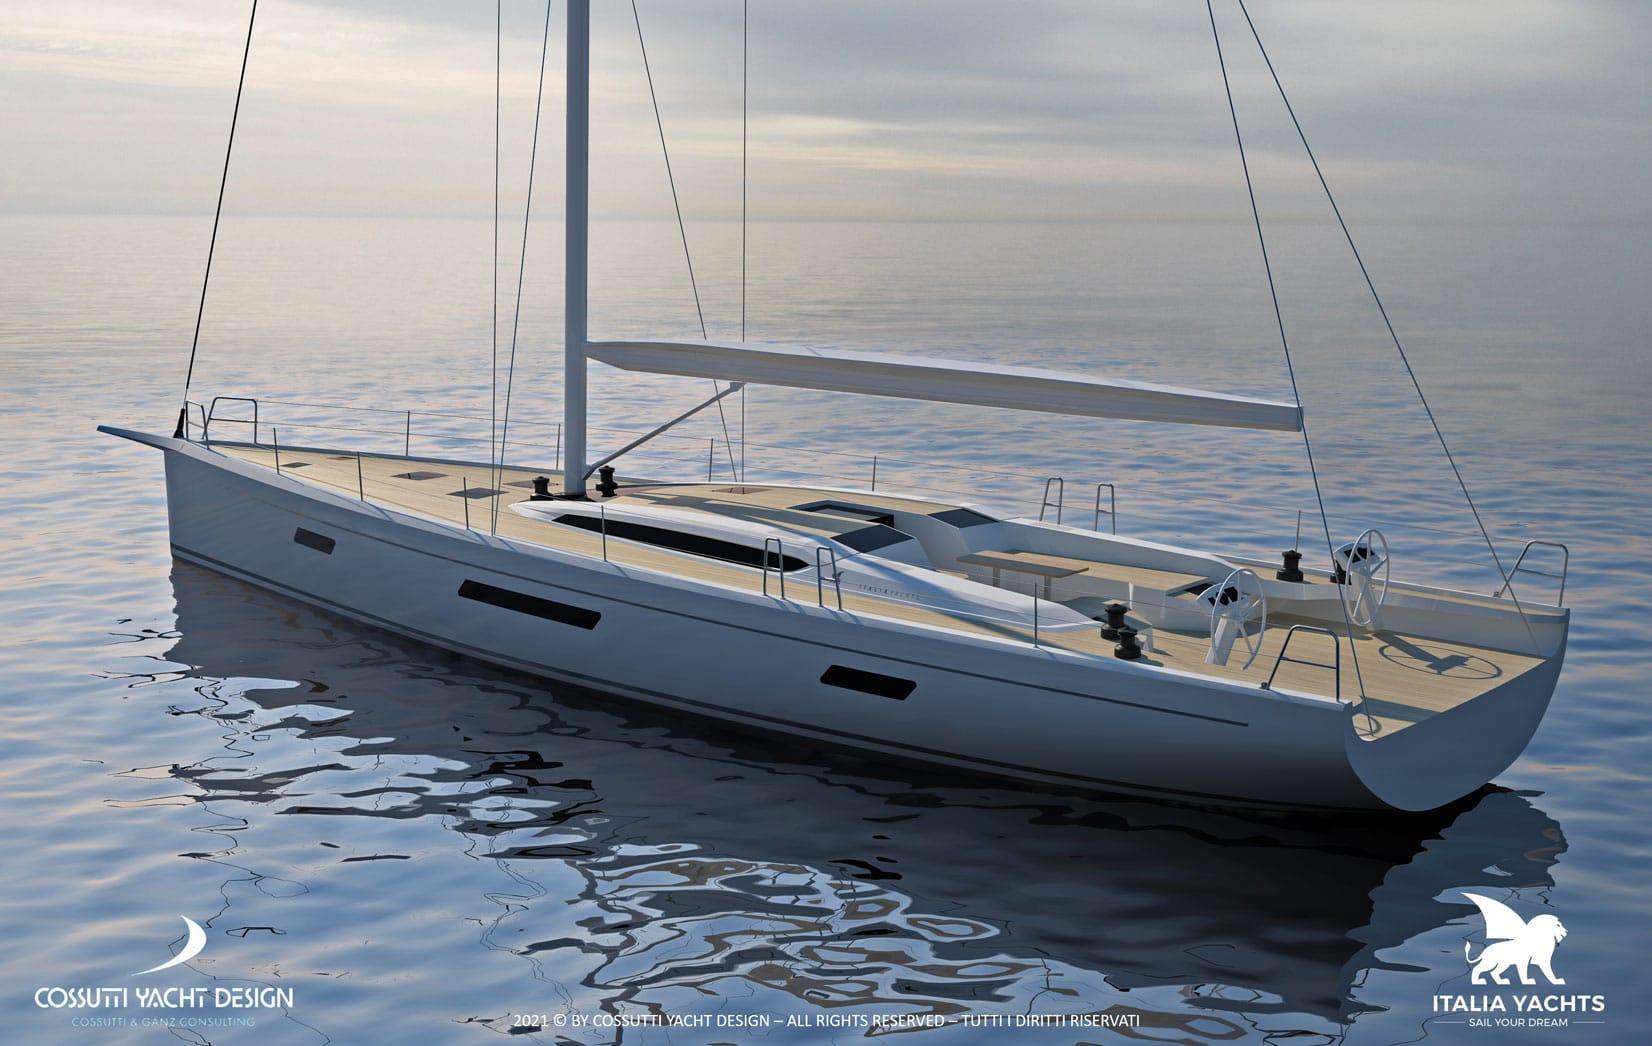 Presentato a Cannes il nuovo Italia Yachts 20.98